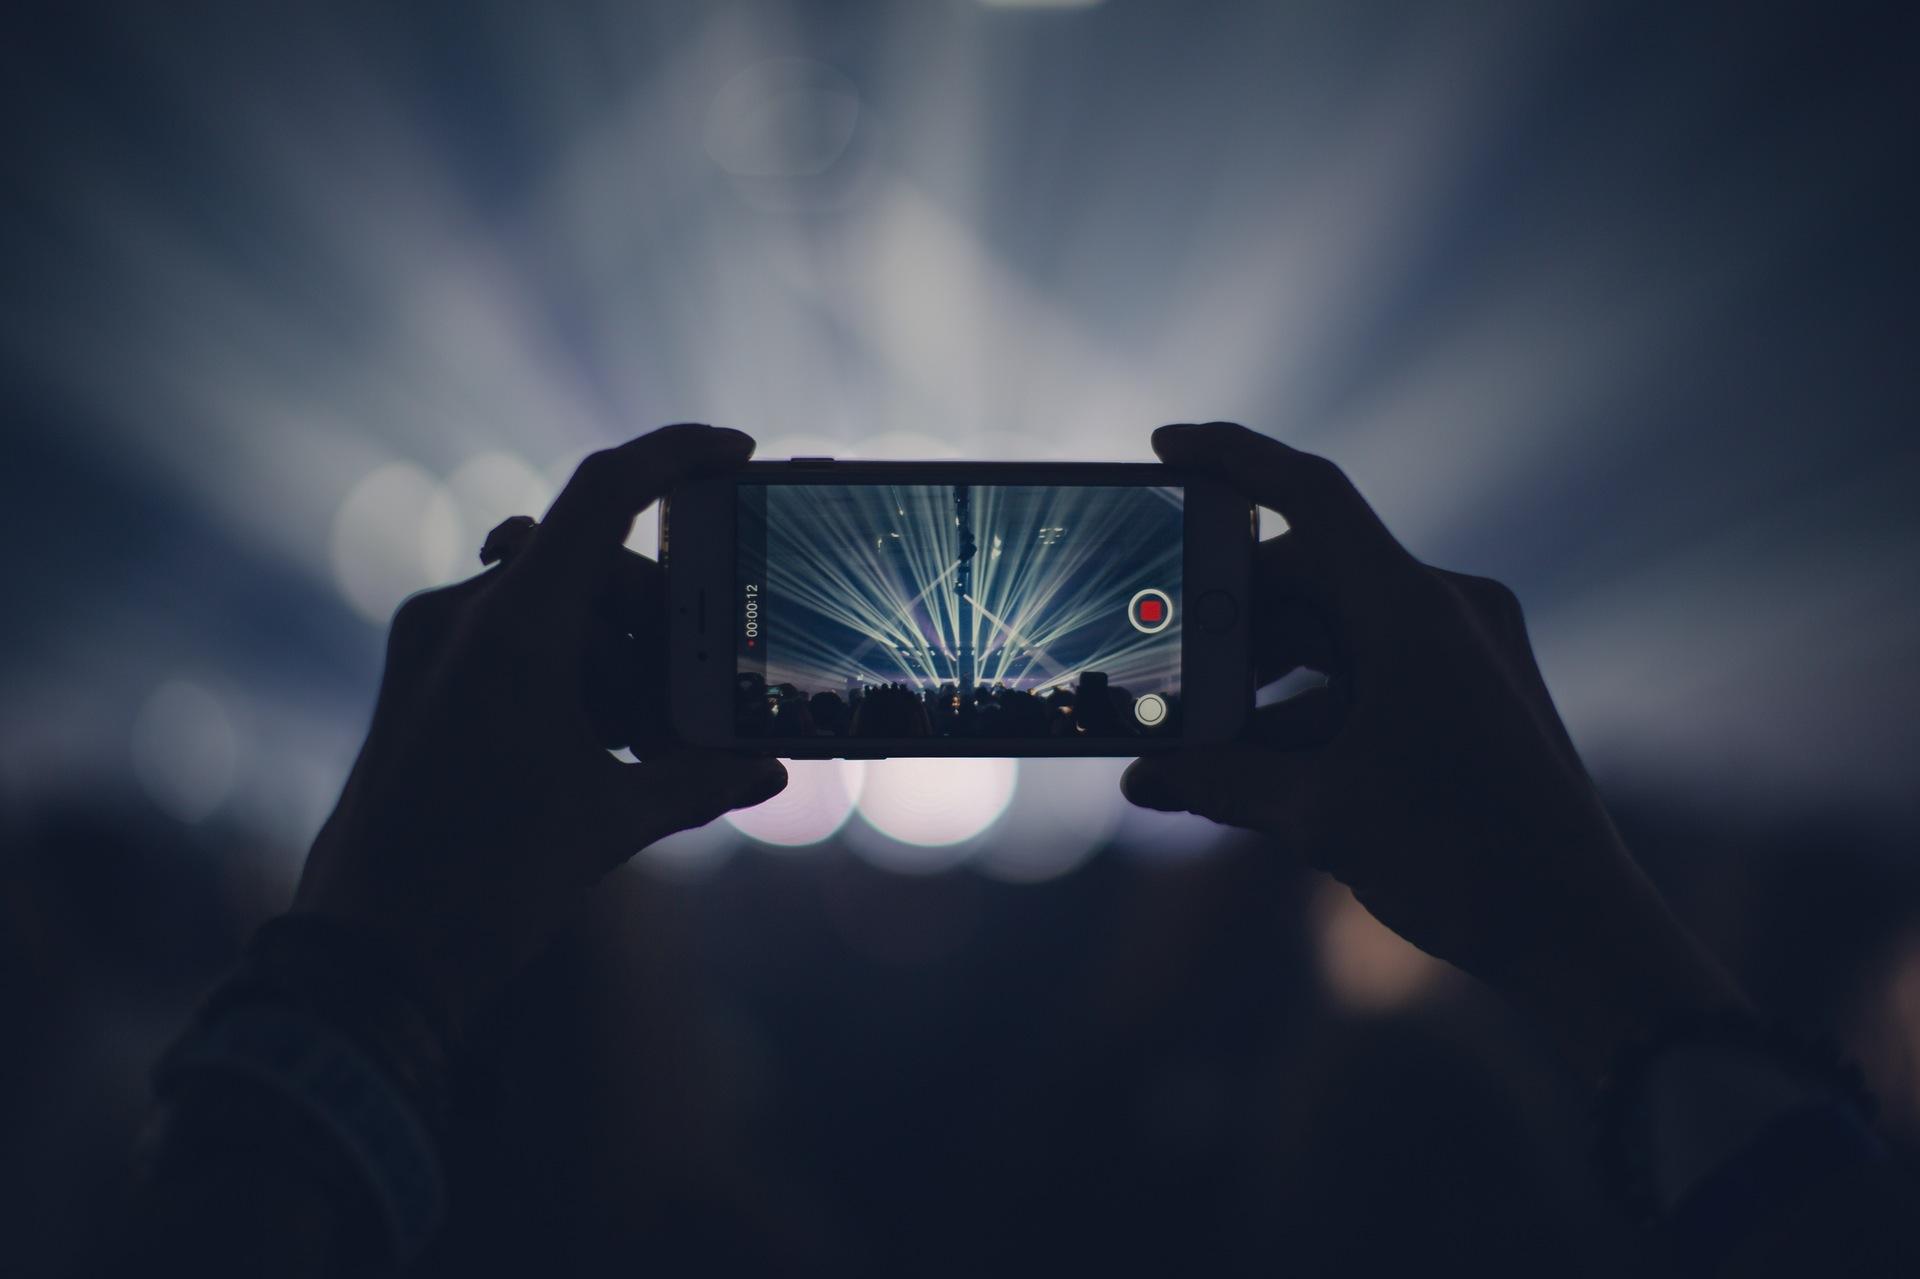 音乐会, 一方, 移动, 灯, 回忆, 视频, 录音 - 高清壁纸 - 教授-falken.com